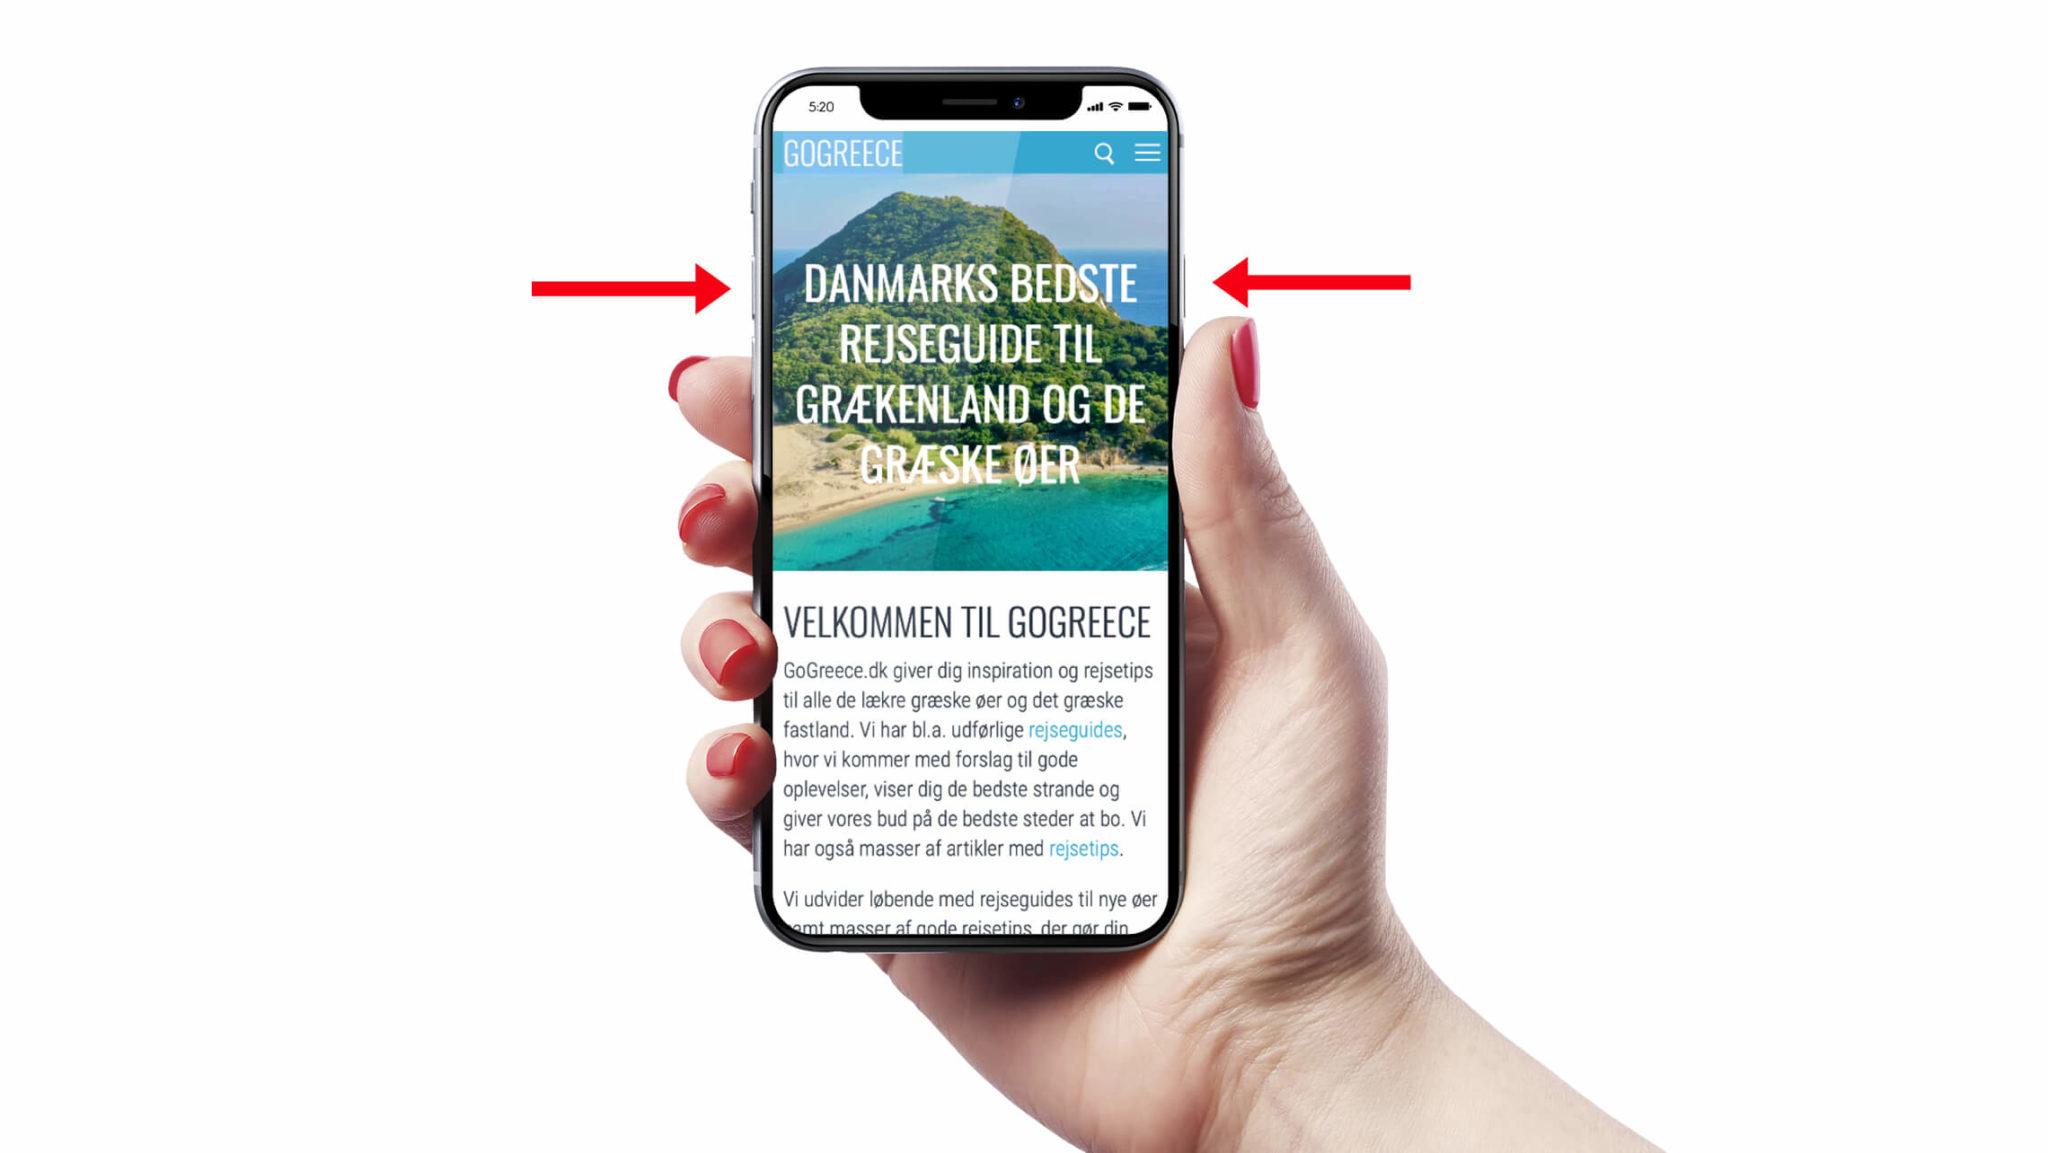 Sådan tager du screenshot på iPhonen